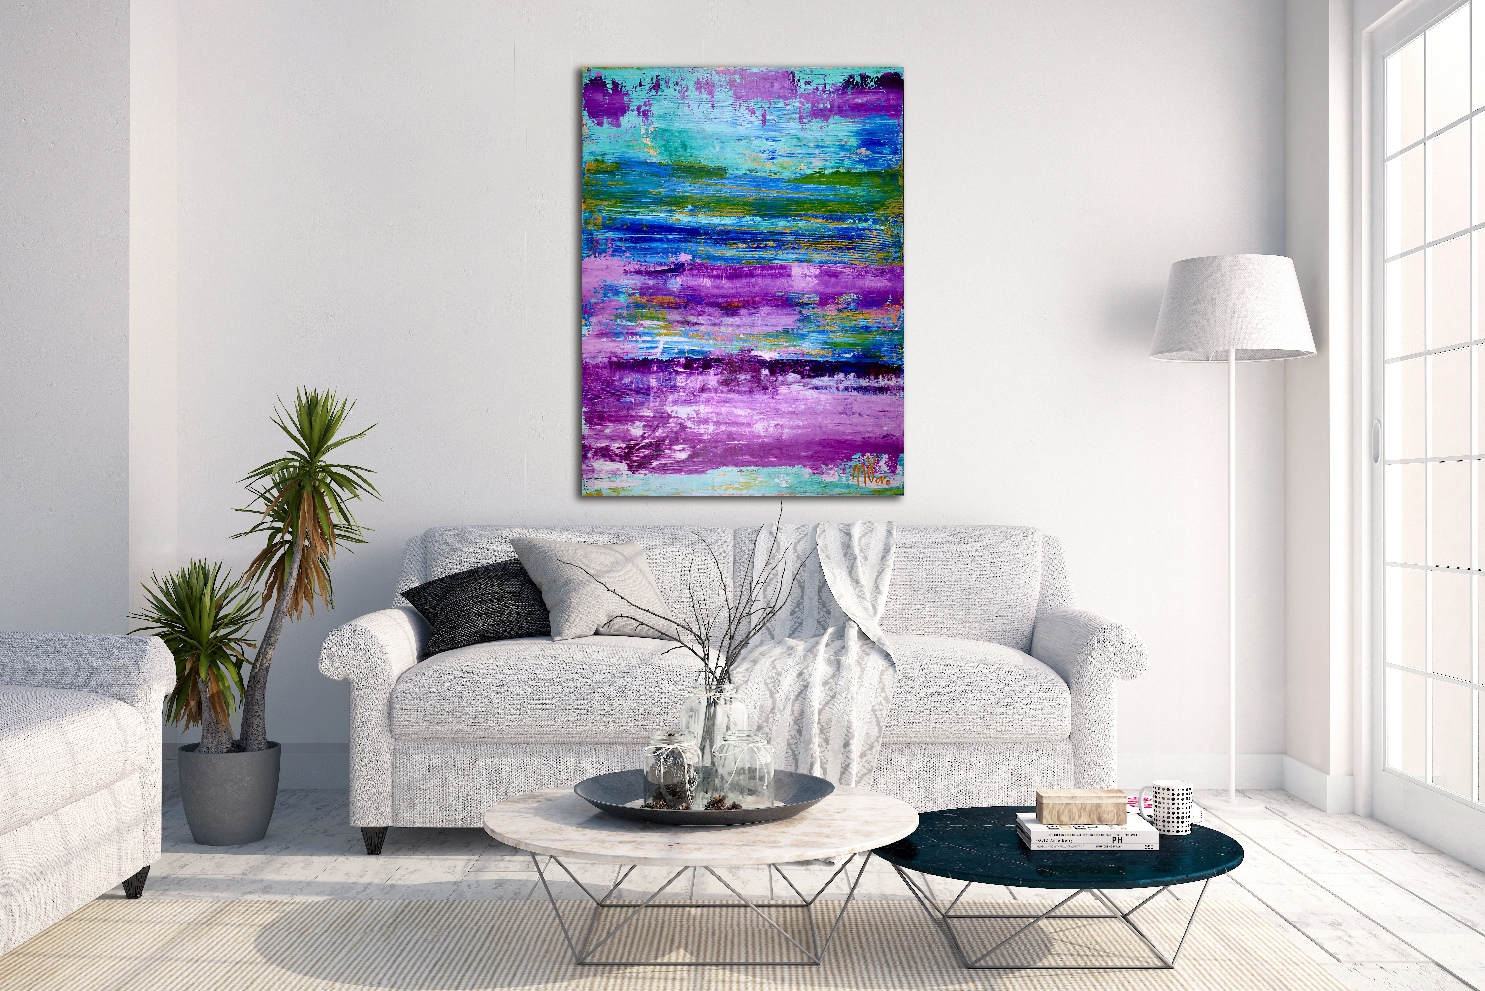 Frozen Turquoise (Purple Colorfield) by artist Nestor Toro